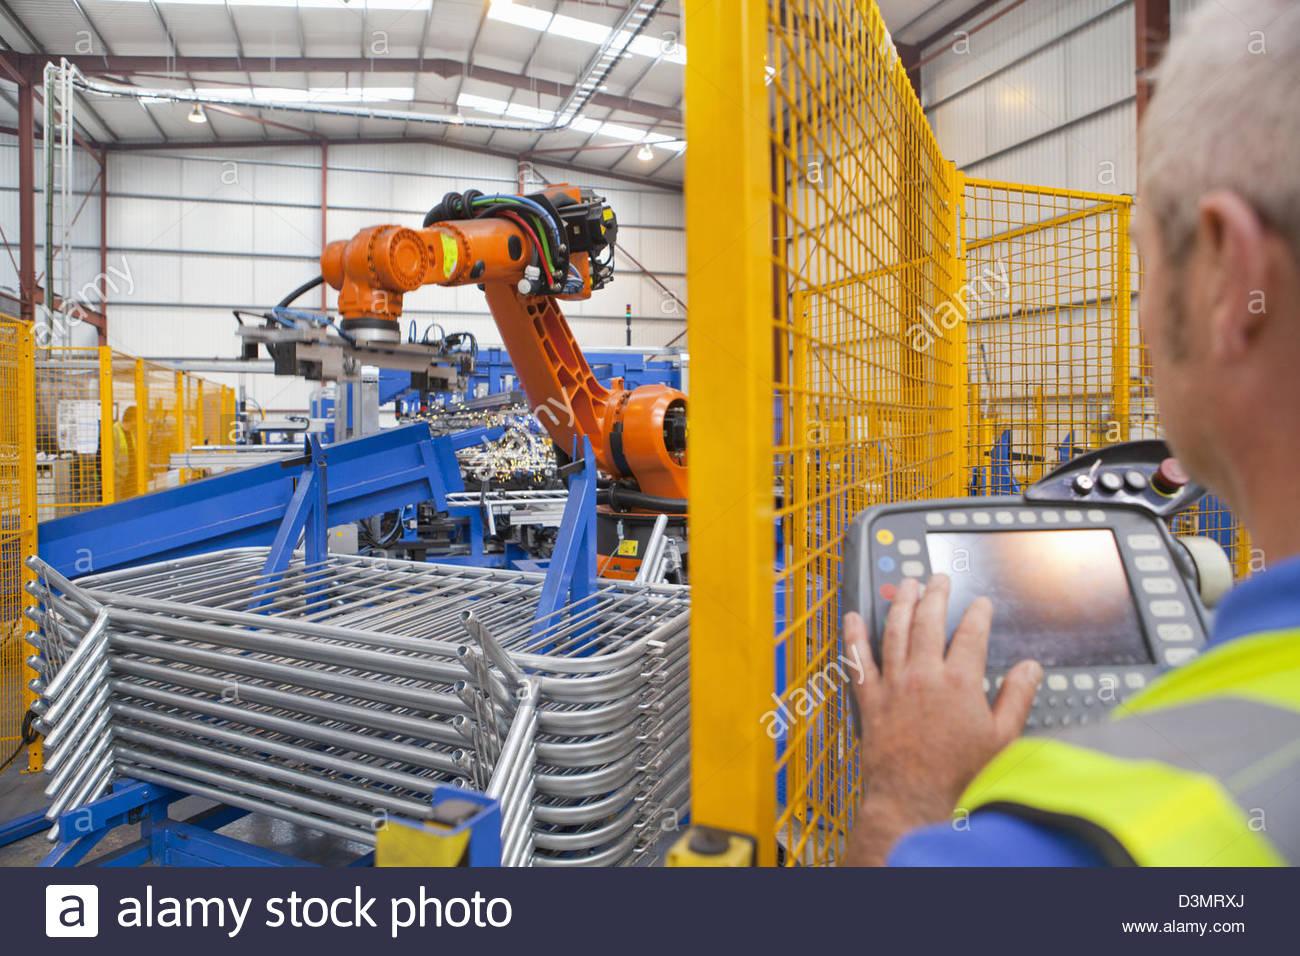 Exploitation des travailleurs en usine machines robotisées Photo Stock